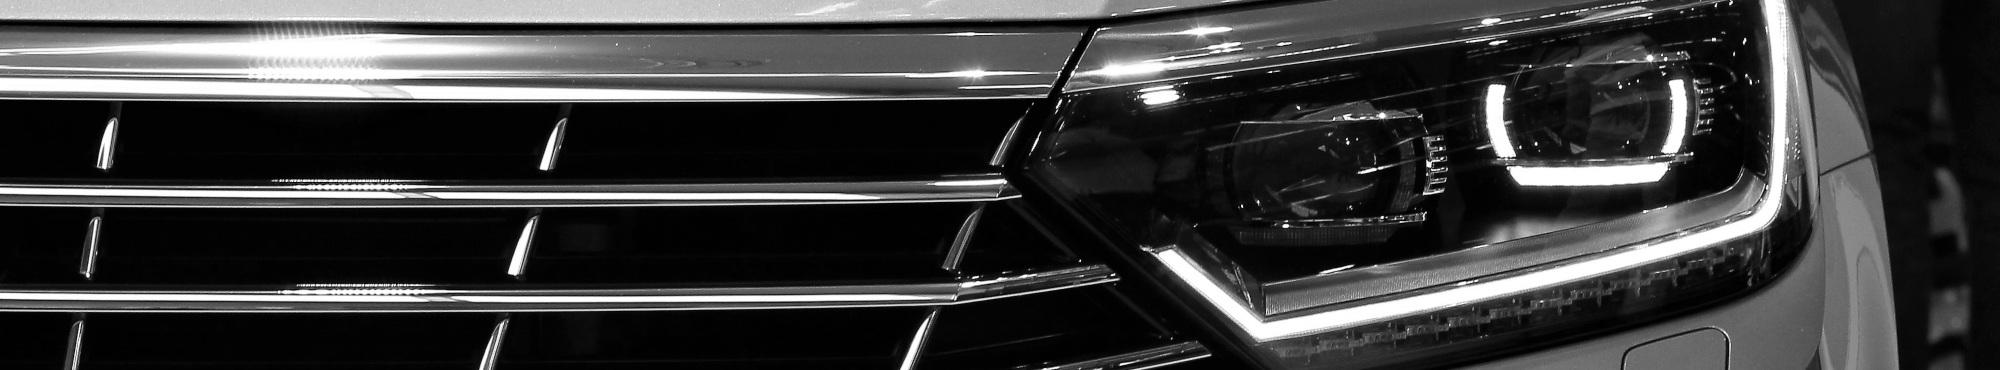 Automotive Autodealeri Avris